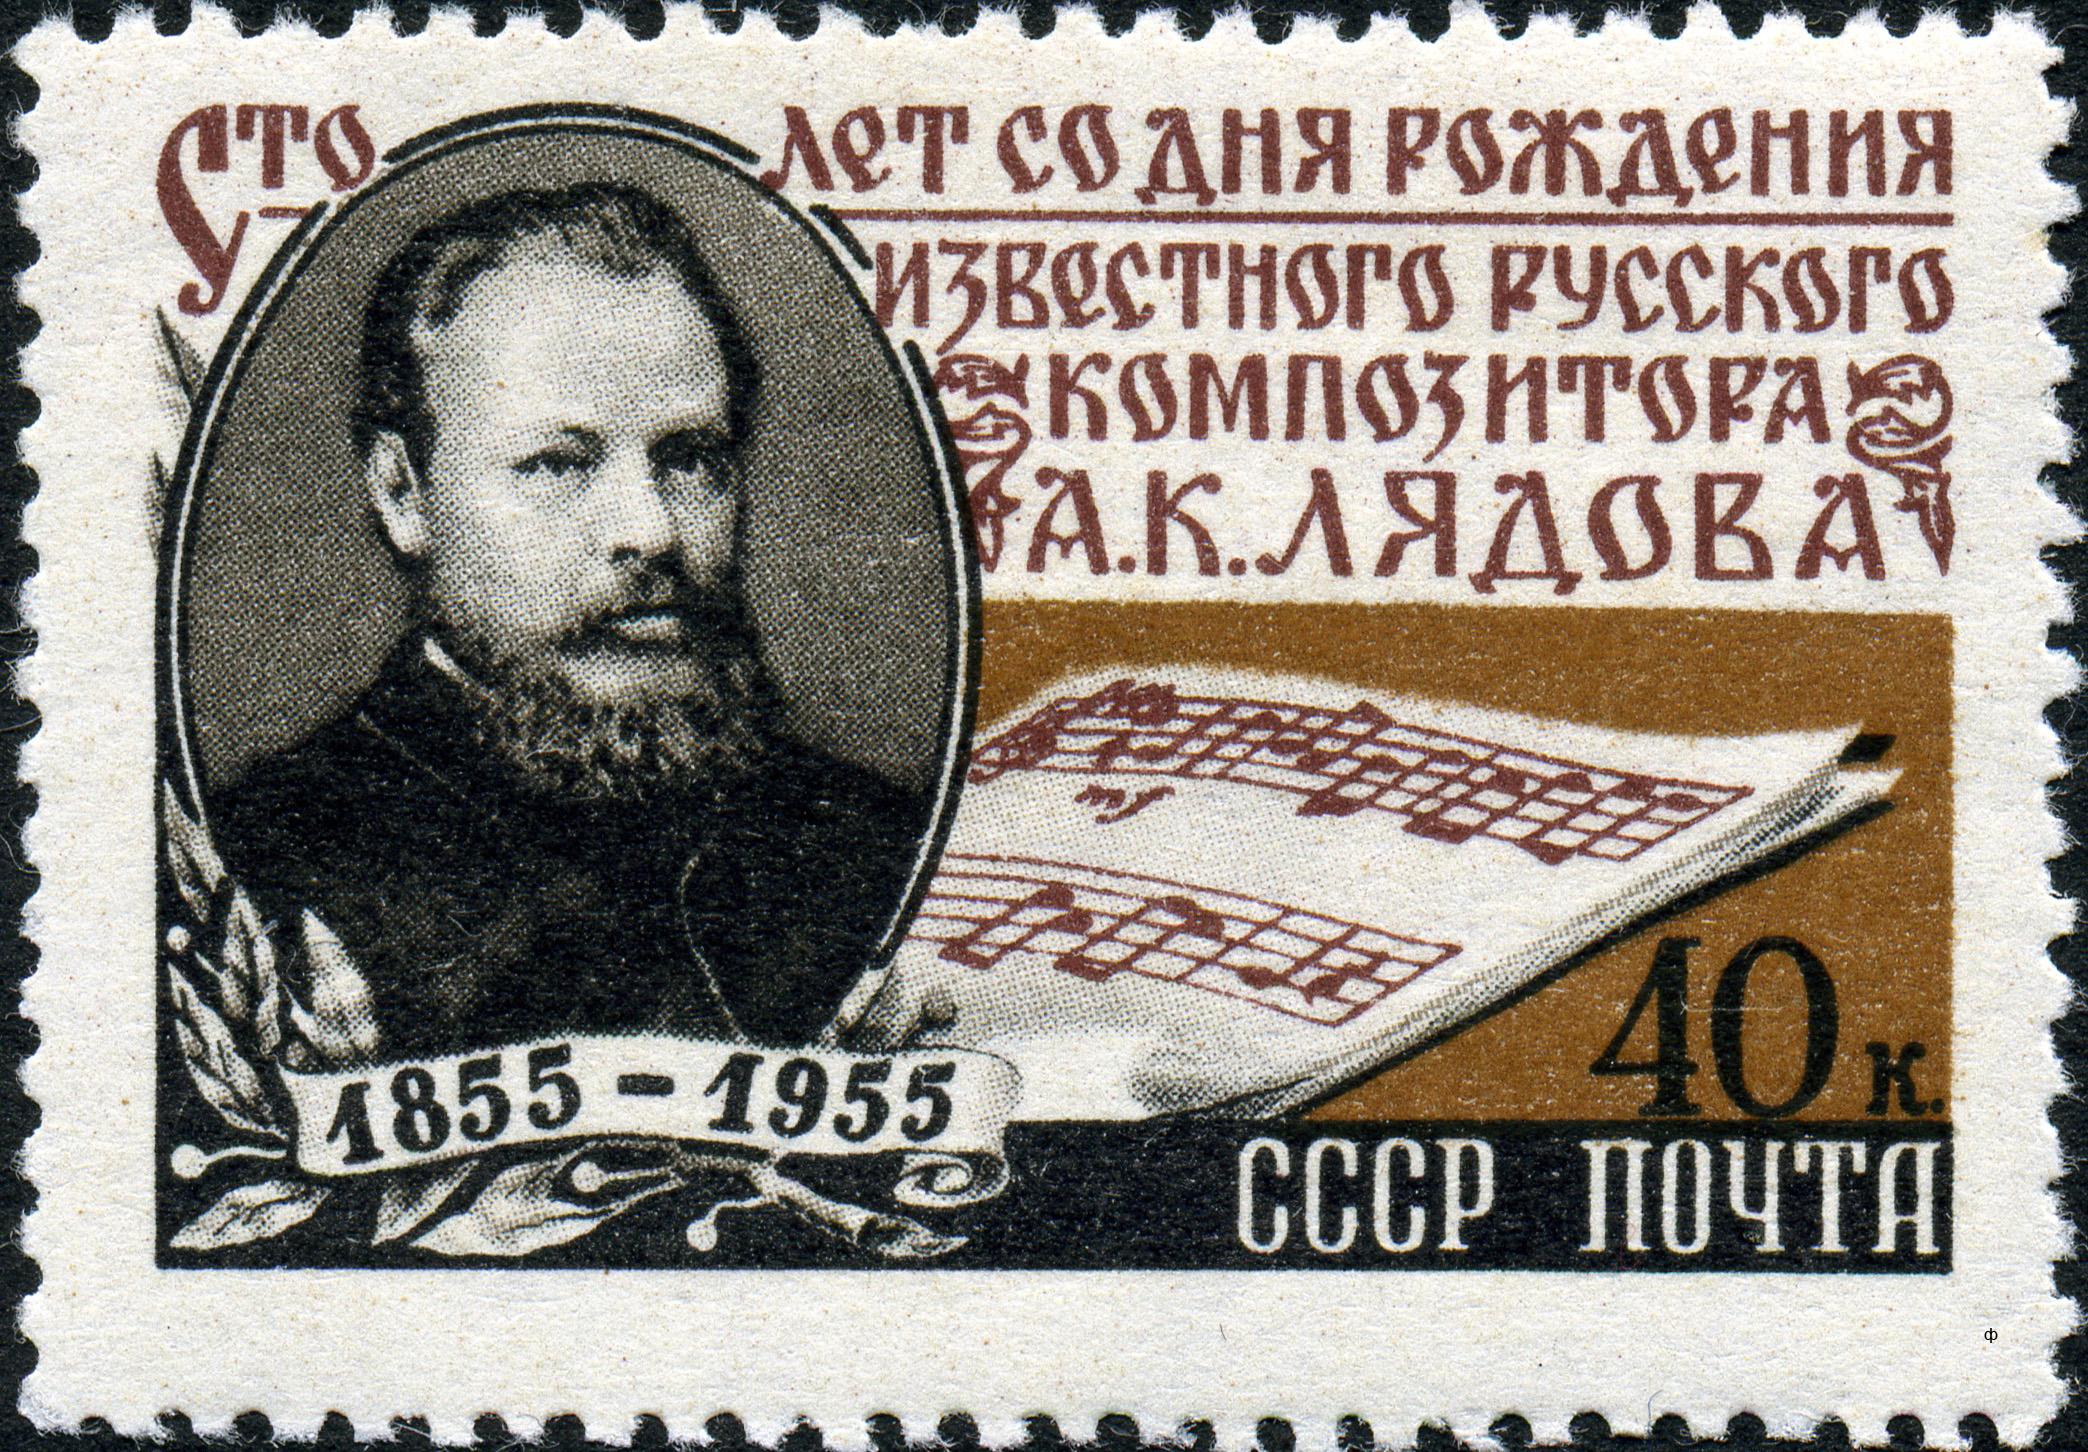 Лядов, Анатолий Константинович - Wikiwand